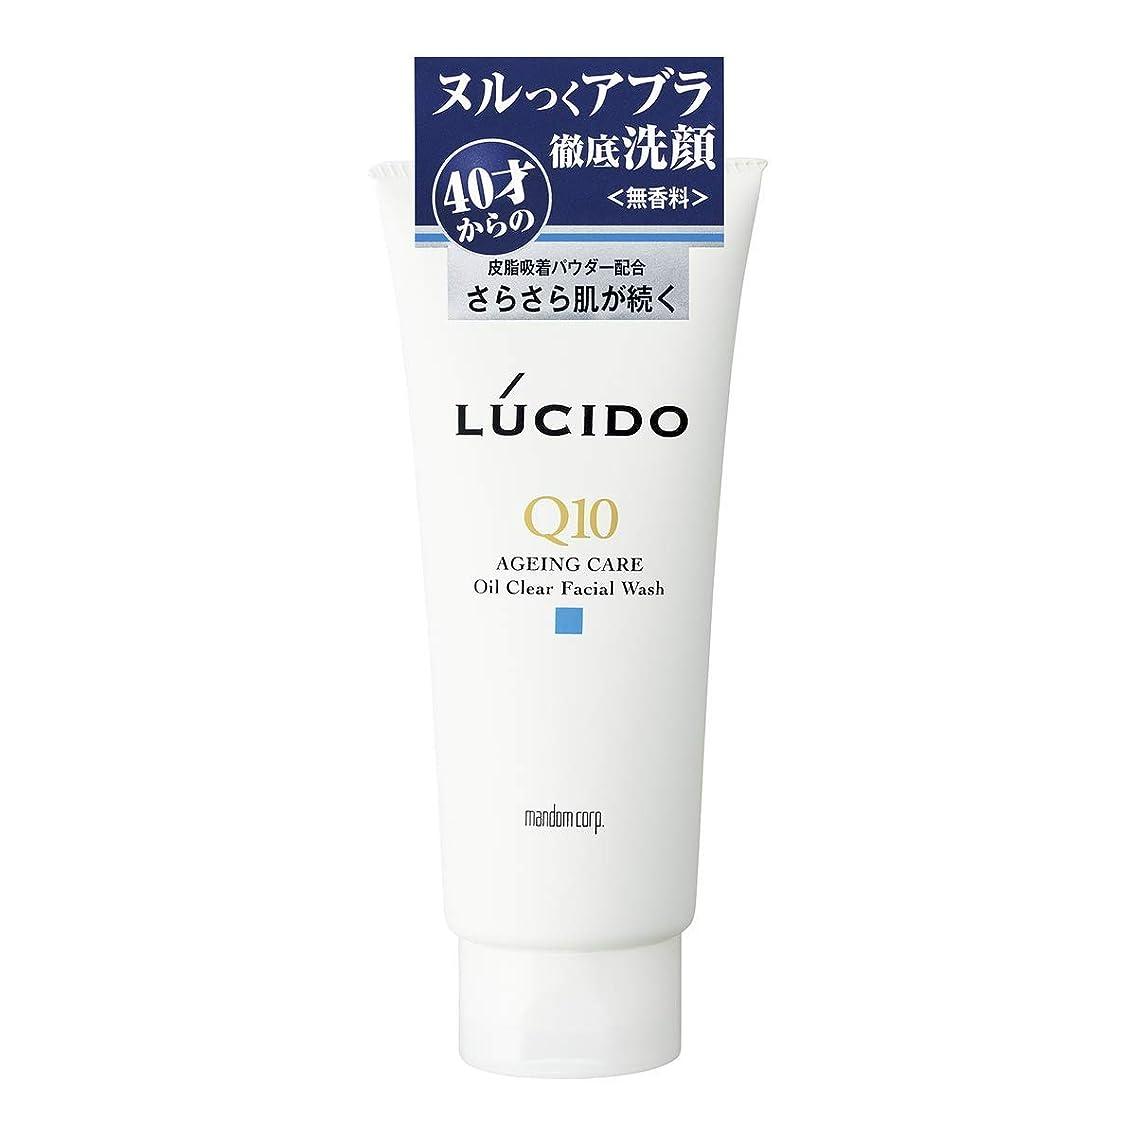 【3個セット】LUCIDO(ルシード) オイルクリア洗顔フォーム Q10 130g